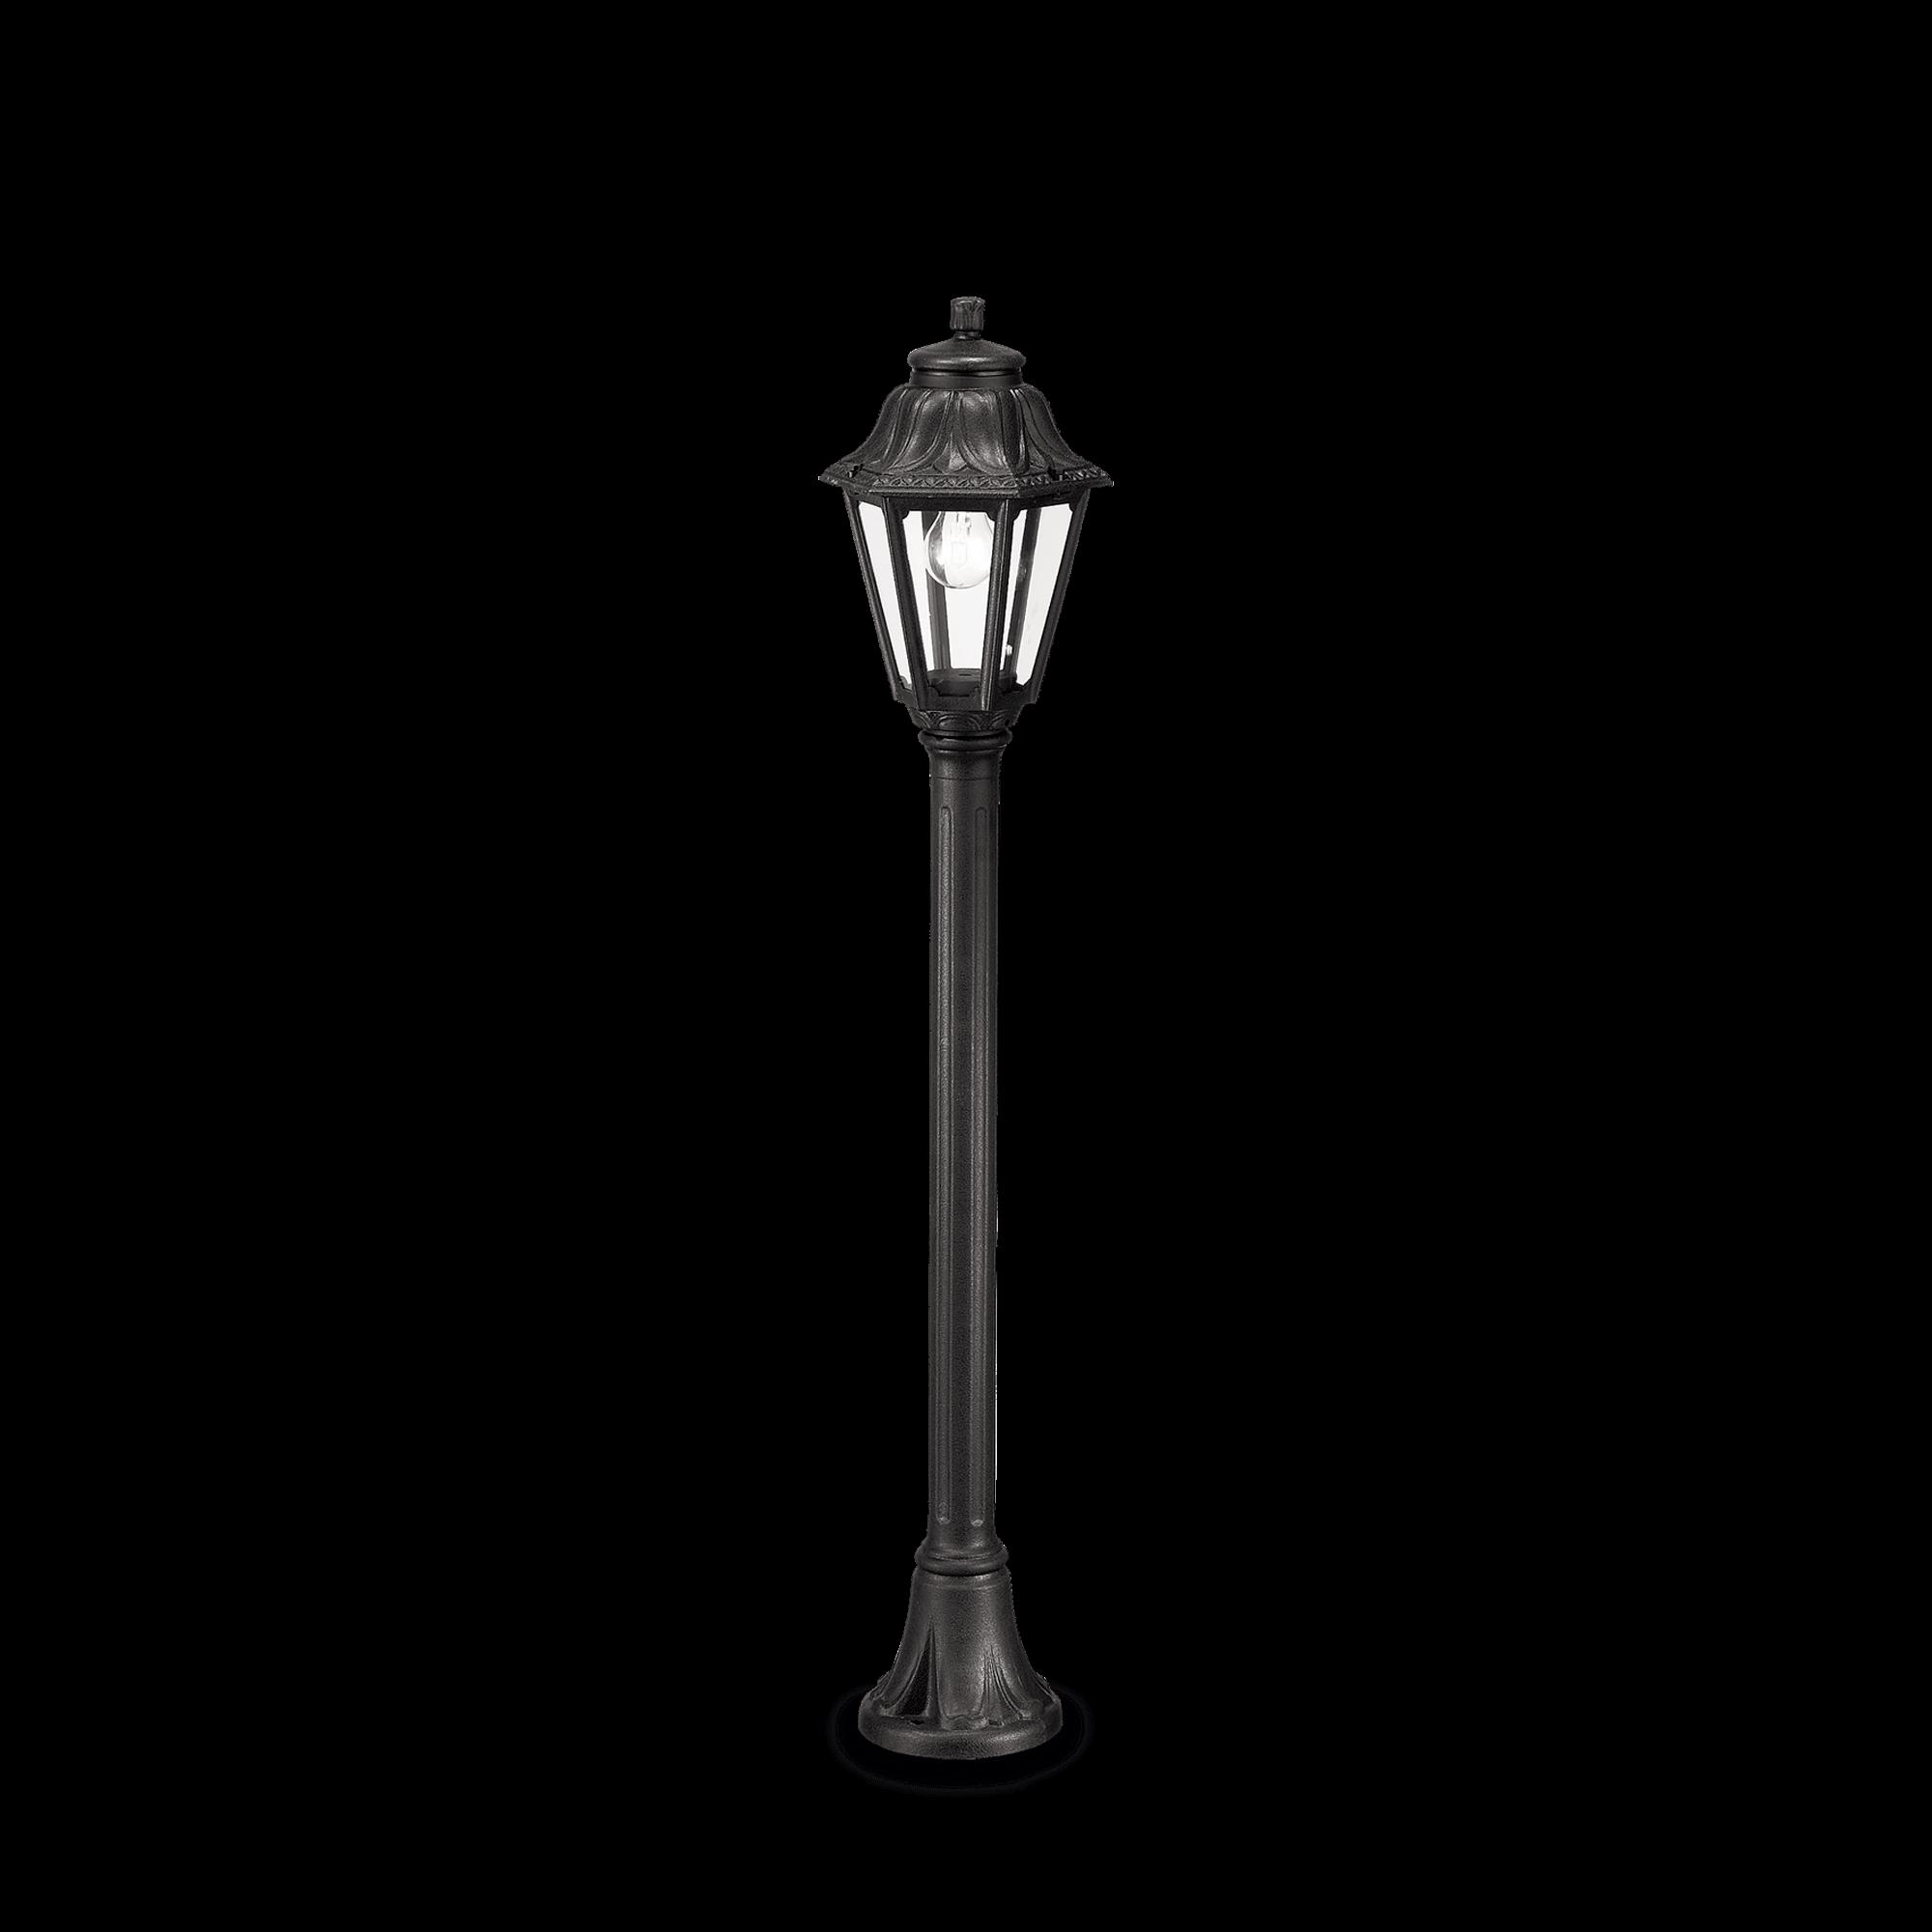 Ideal Lux 101514 ANNA PT1 SMALL NERO kültéri állólámpa